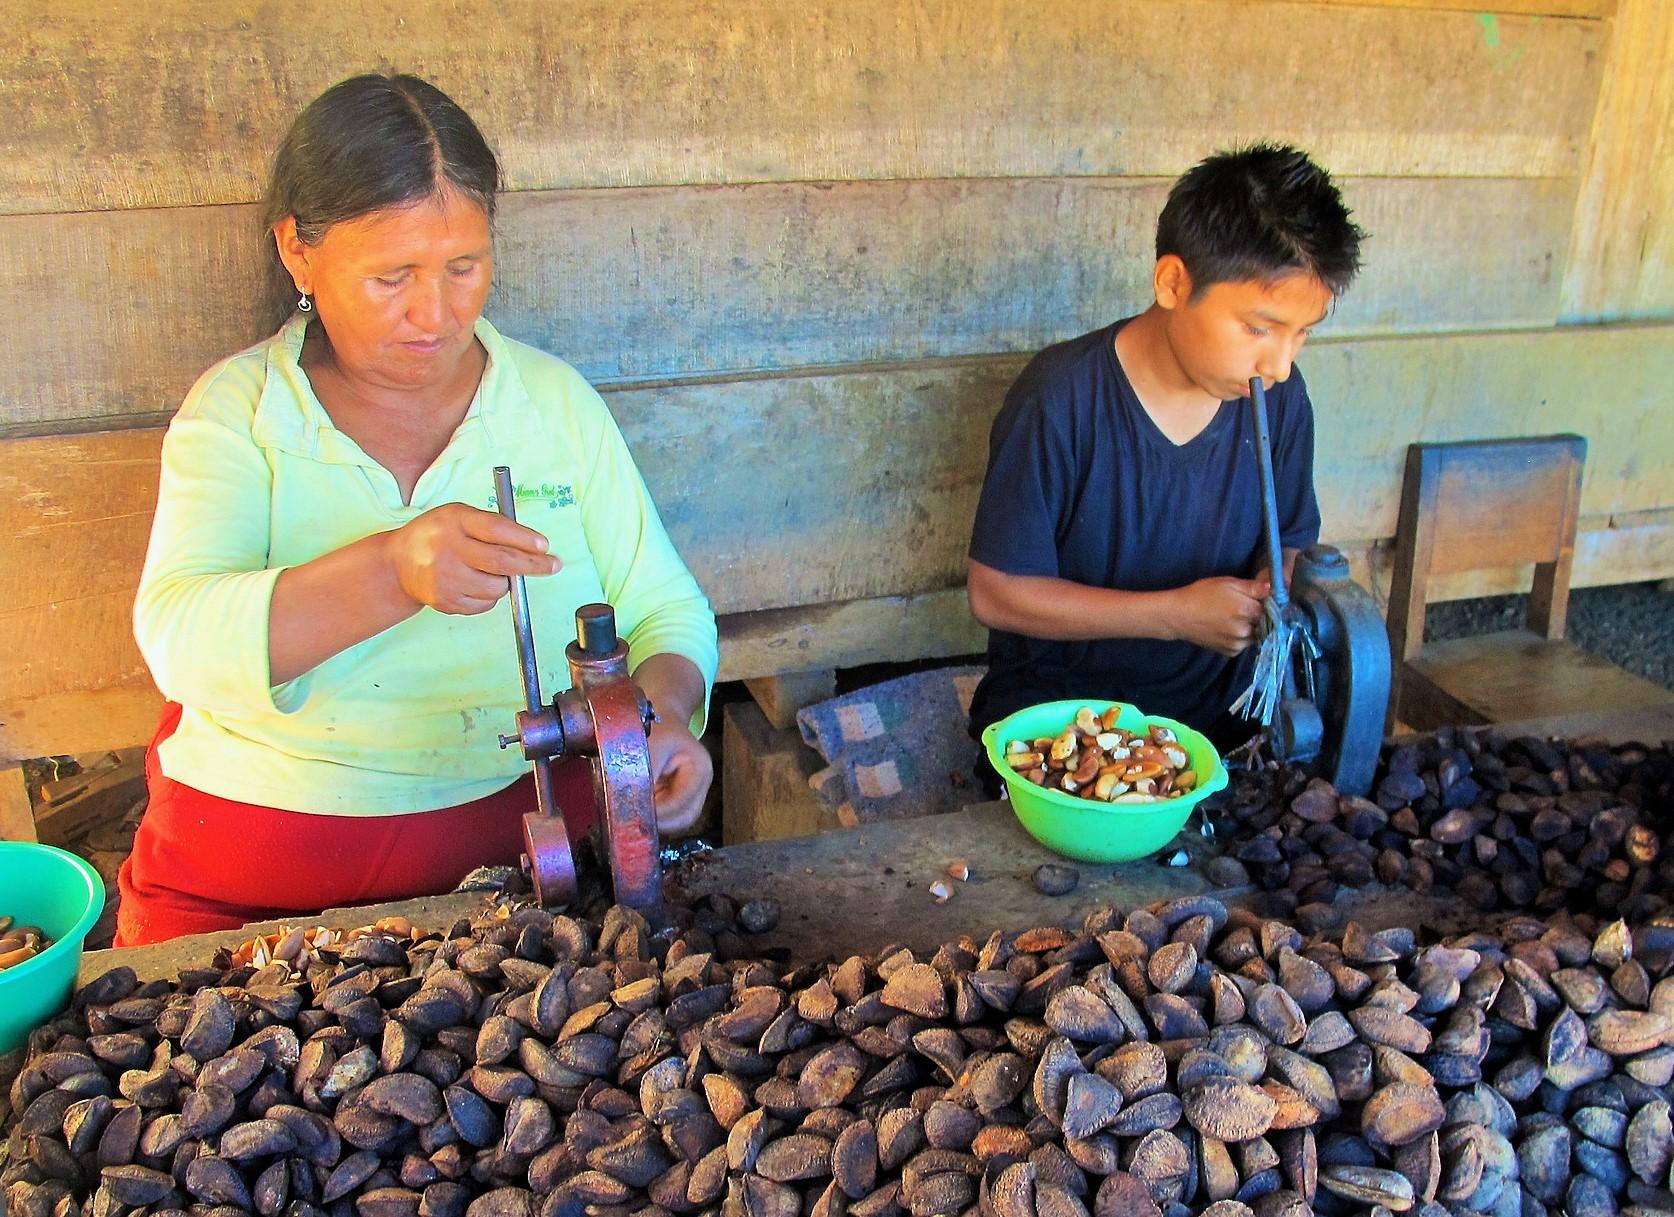 Simplificar la normativa de aprovechamiento de la castaña en Perú beneficiaría a todos los involucrados